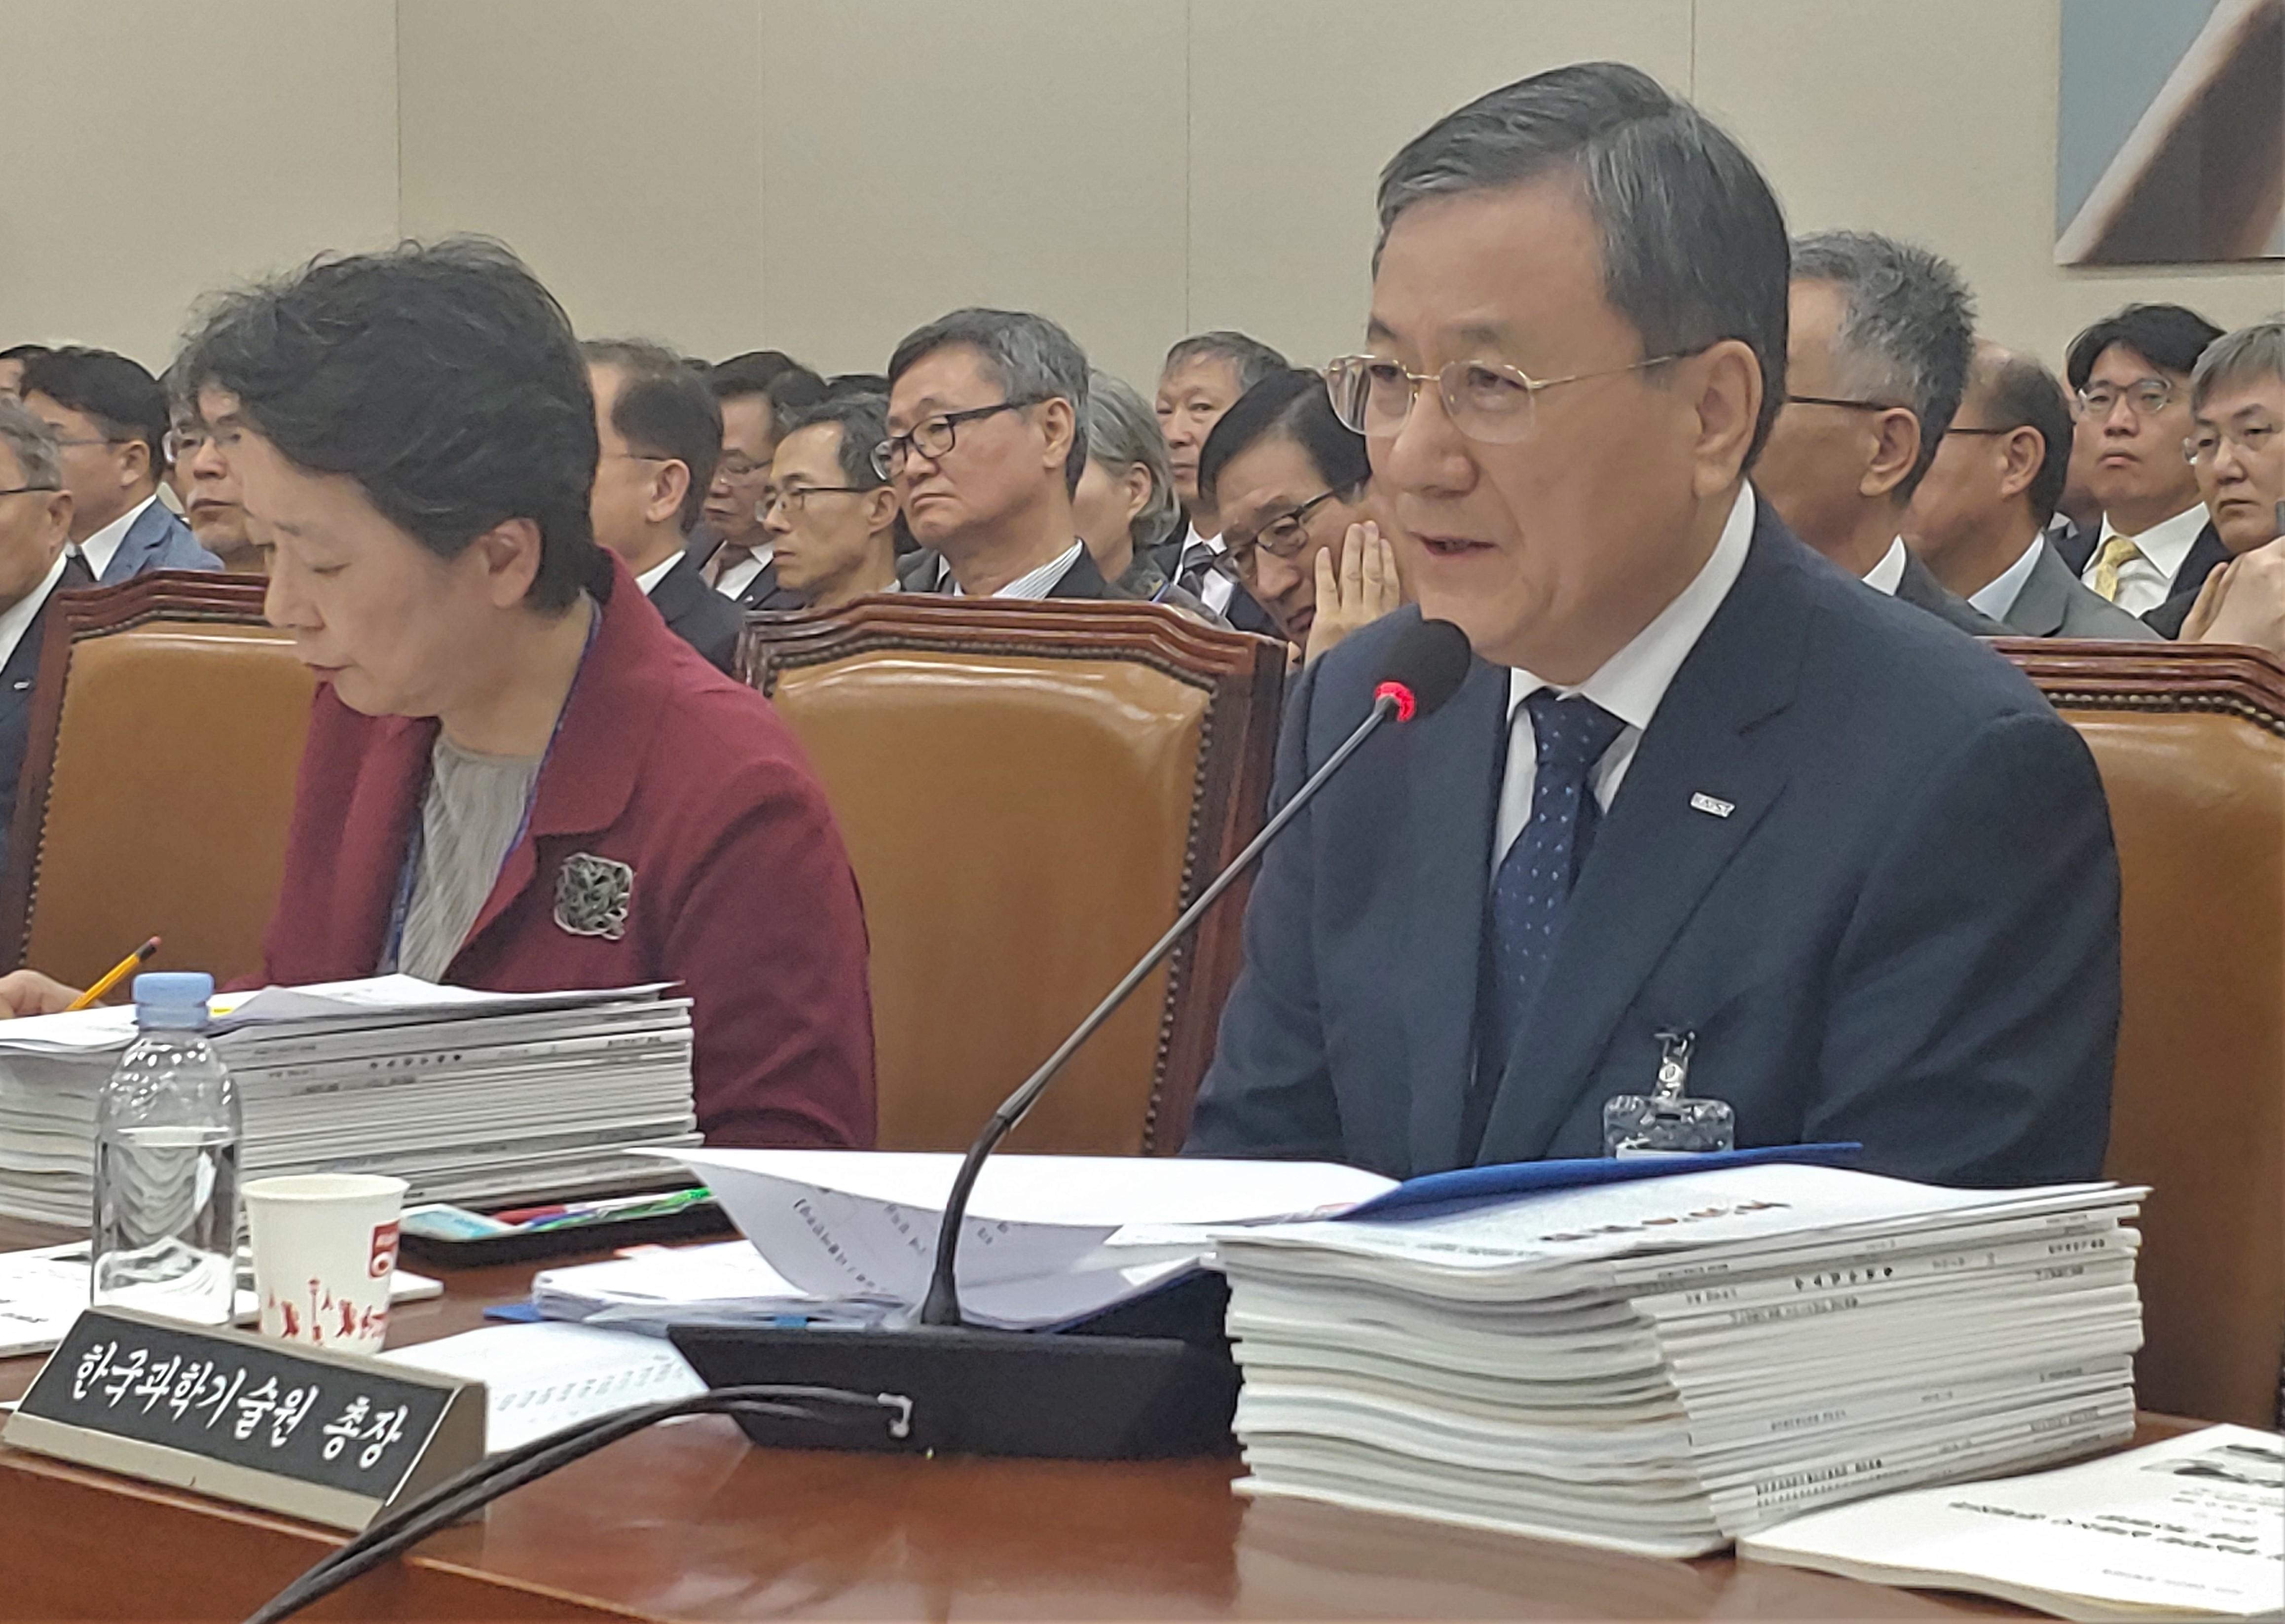 신성철 KAIST 총장이 의원들의 질의에 답하고 있다. 조승한 기자 shinjsh@donga.com